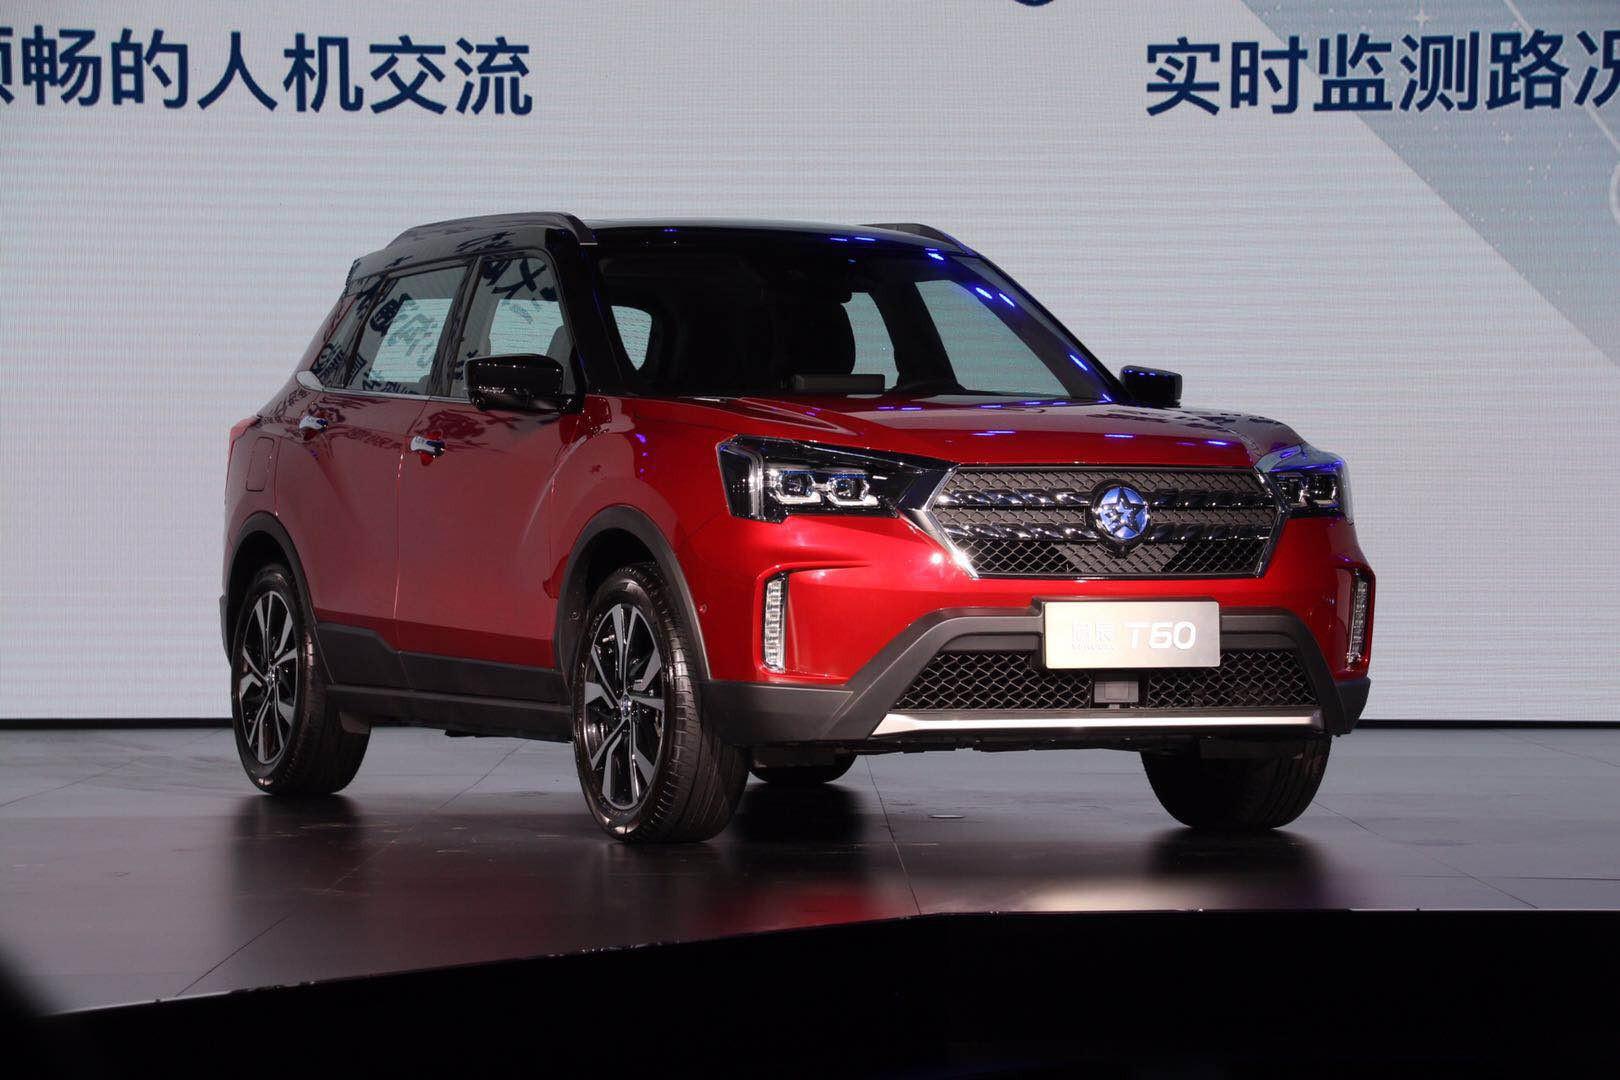 日产在华2018年销量破150万,轩逸单车达46万辆